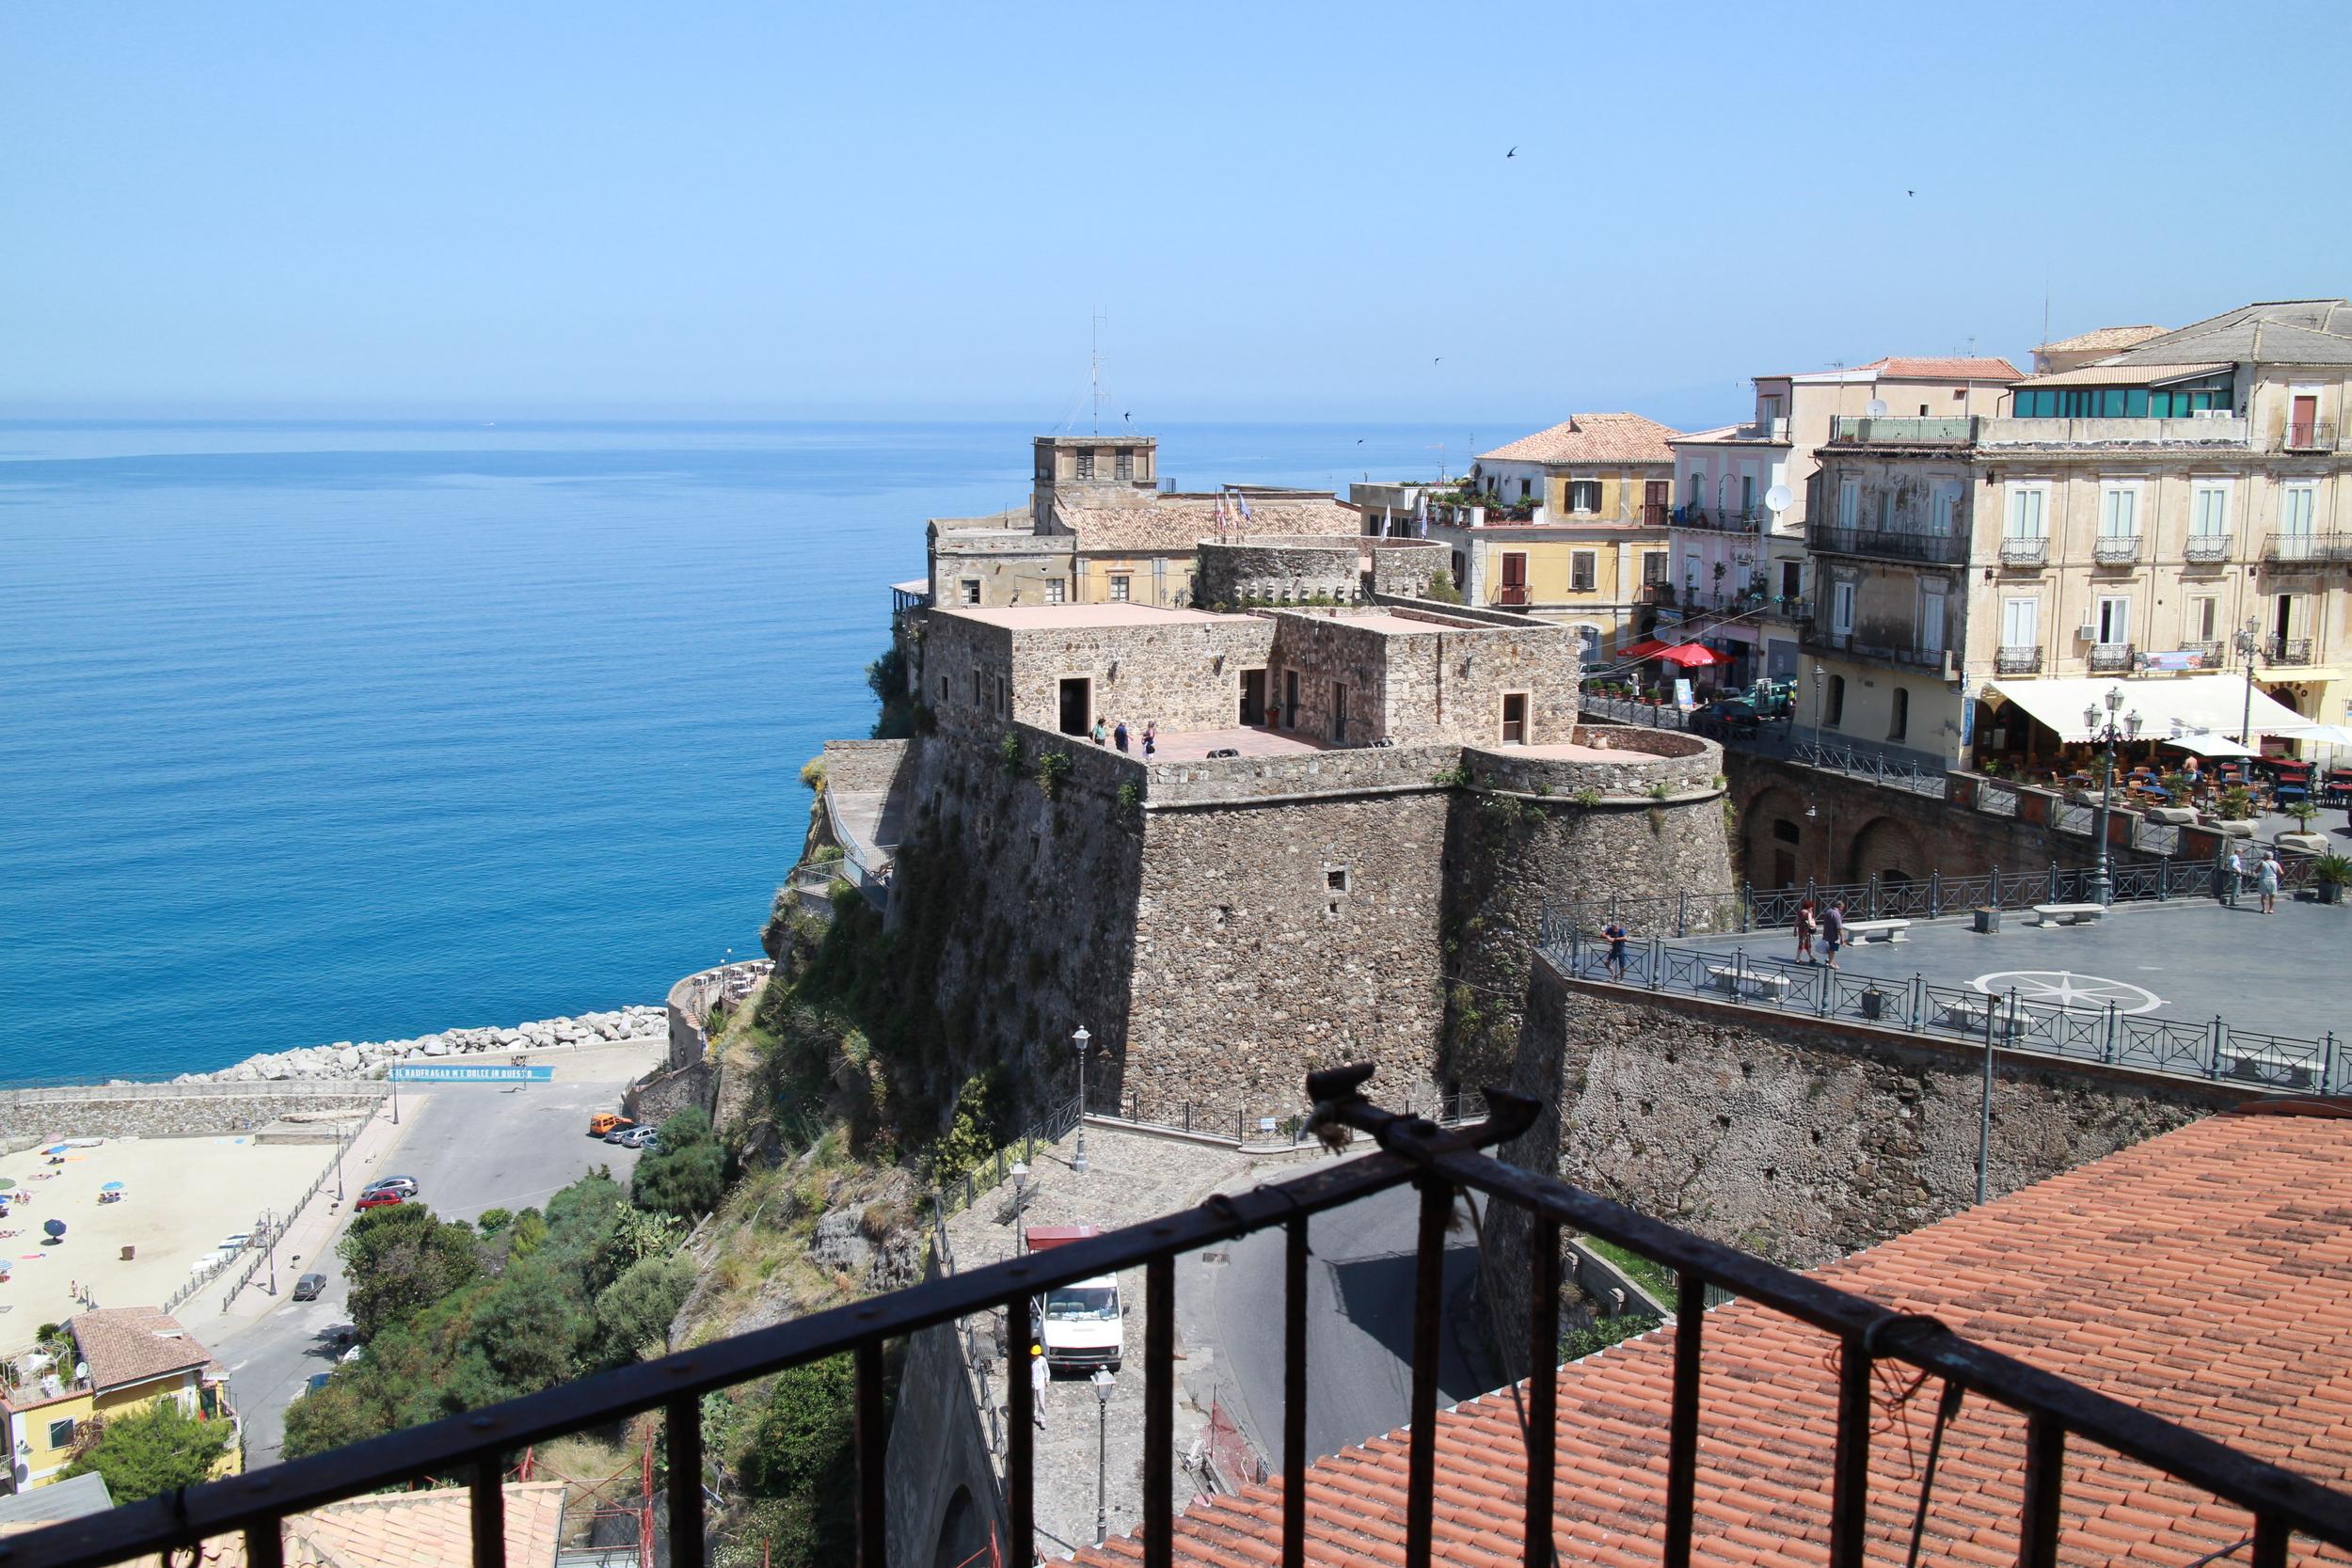 Castello Murat above Pizzo Marina